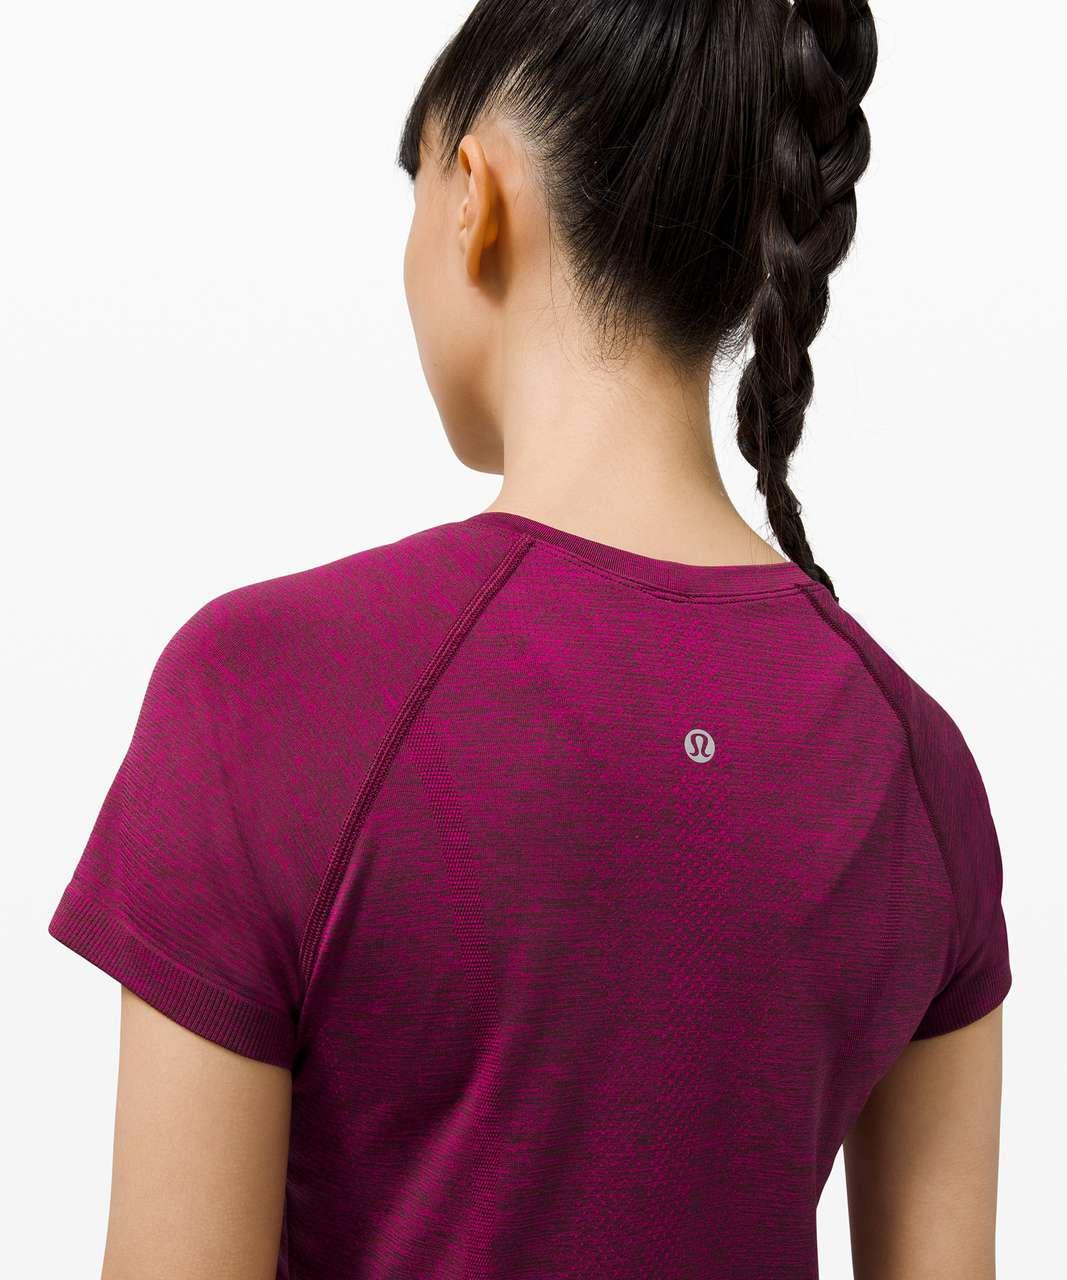 Lululemon Swiftly Tech Short Sleeve 2.0 - Ripened Raspberry / Red Merlot